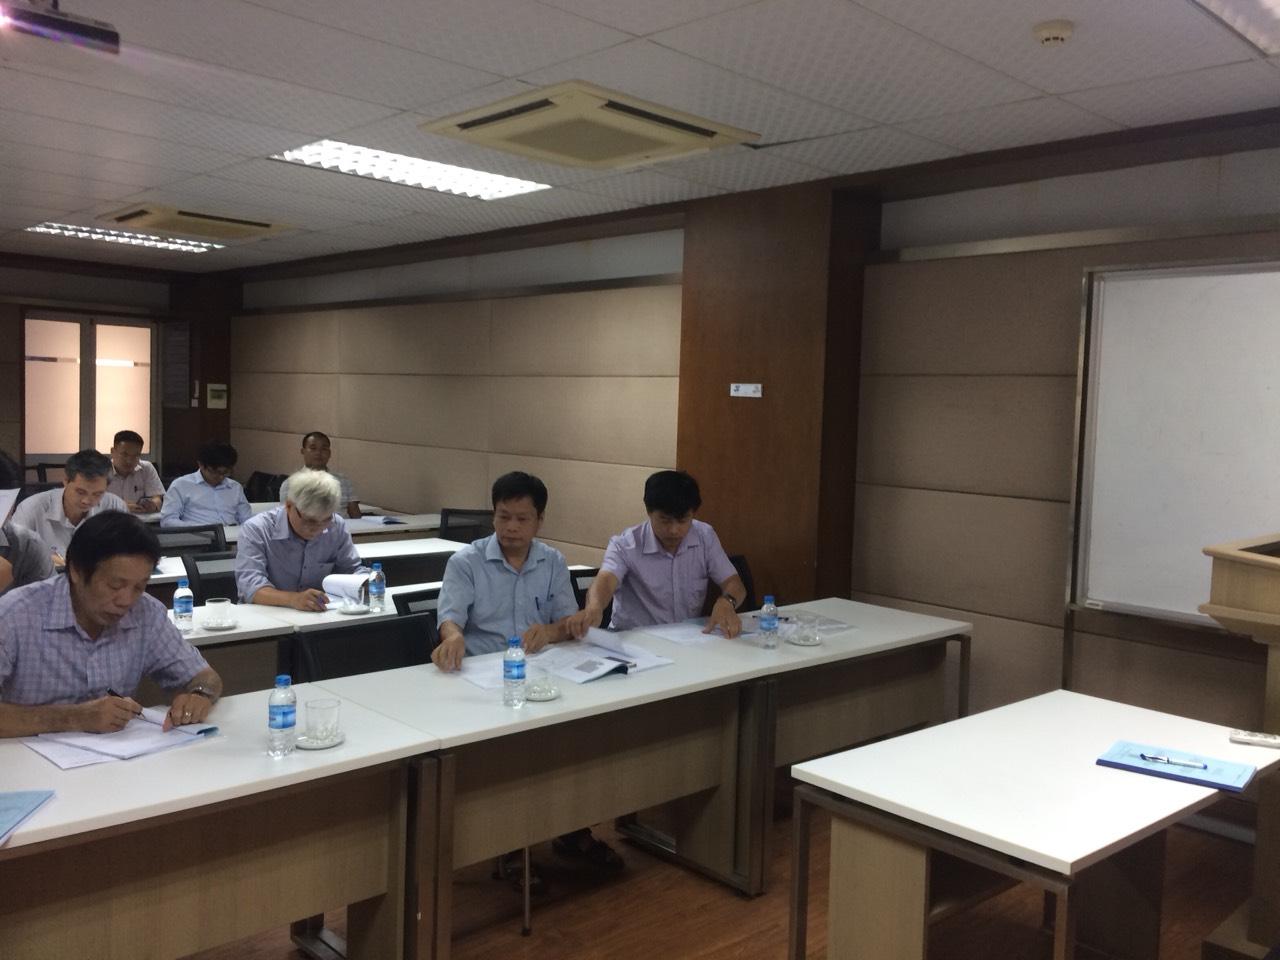 Tổ chức bảo vệ chuyên đề cho NCS Nguyễn Huy Kiên, ngành Kỹ thuật Cơ khí.